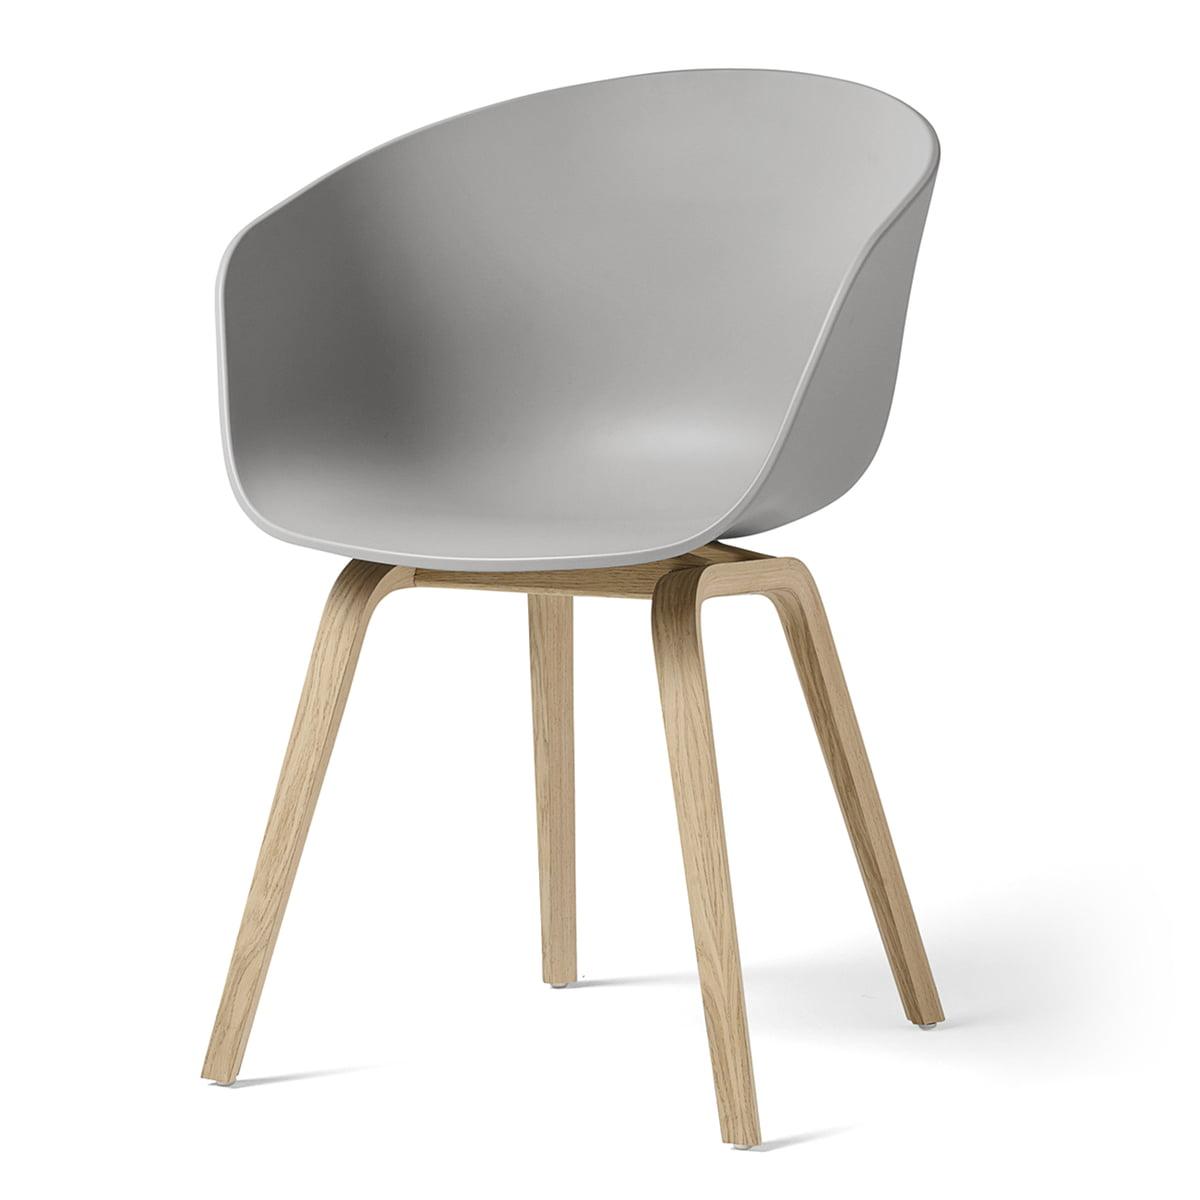 Hay - About A Chair AAC 22, structure quatre pieds en bois (chêne laqué mat) / concrete grey, patins en feutre